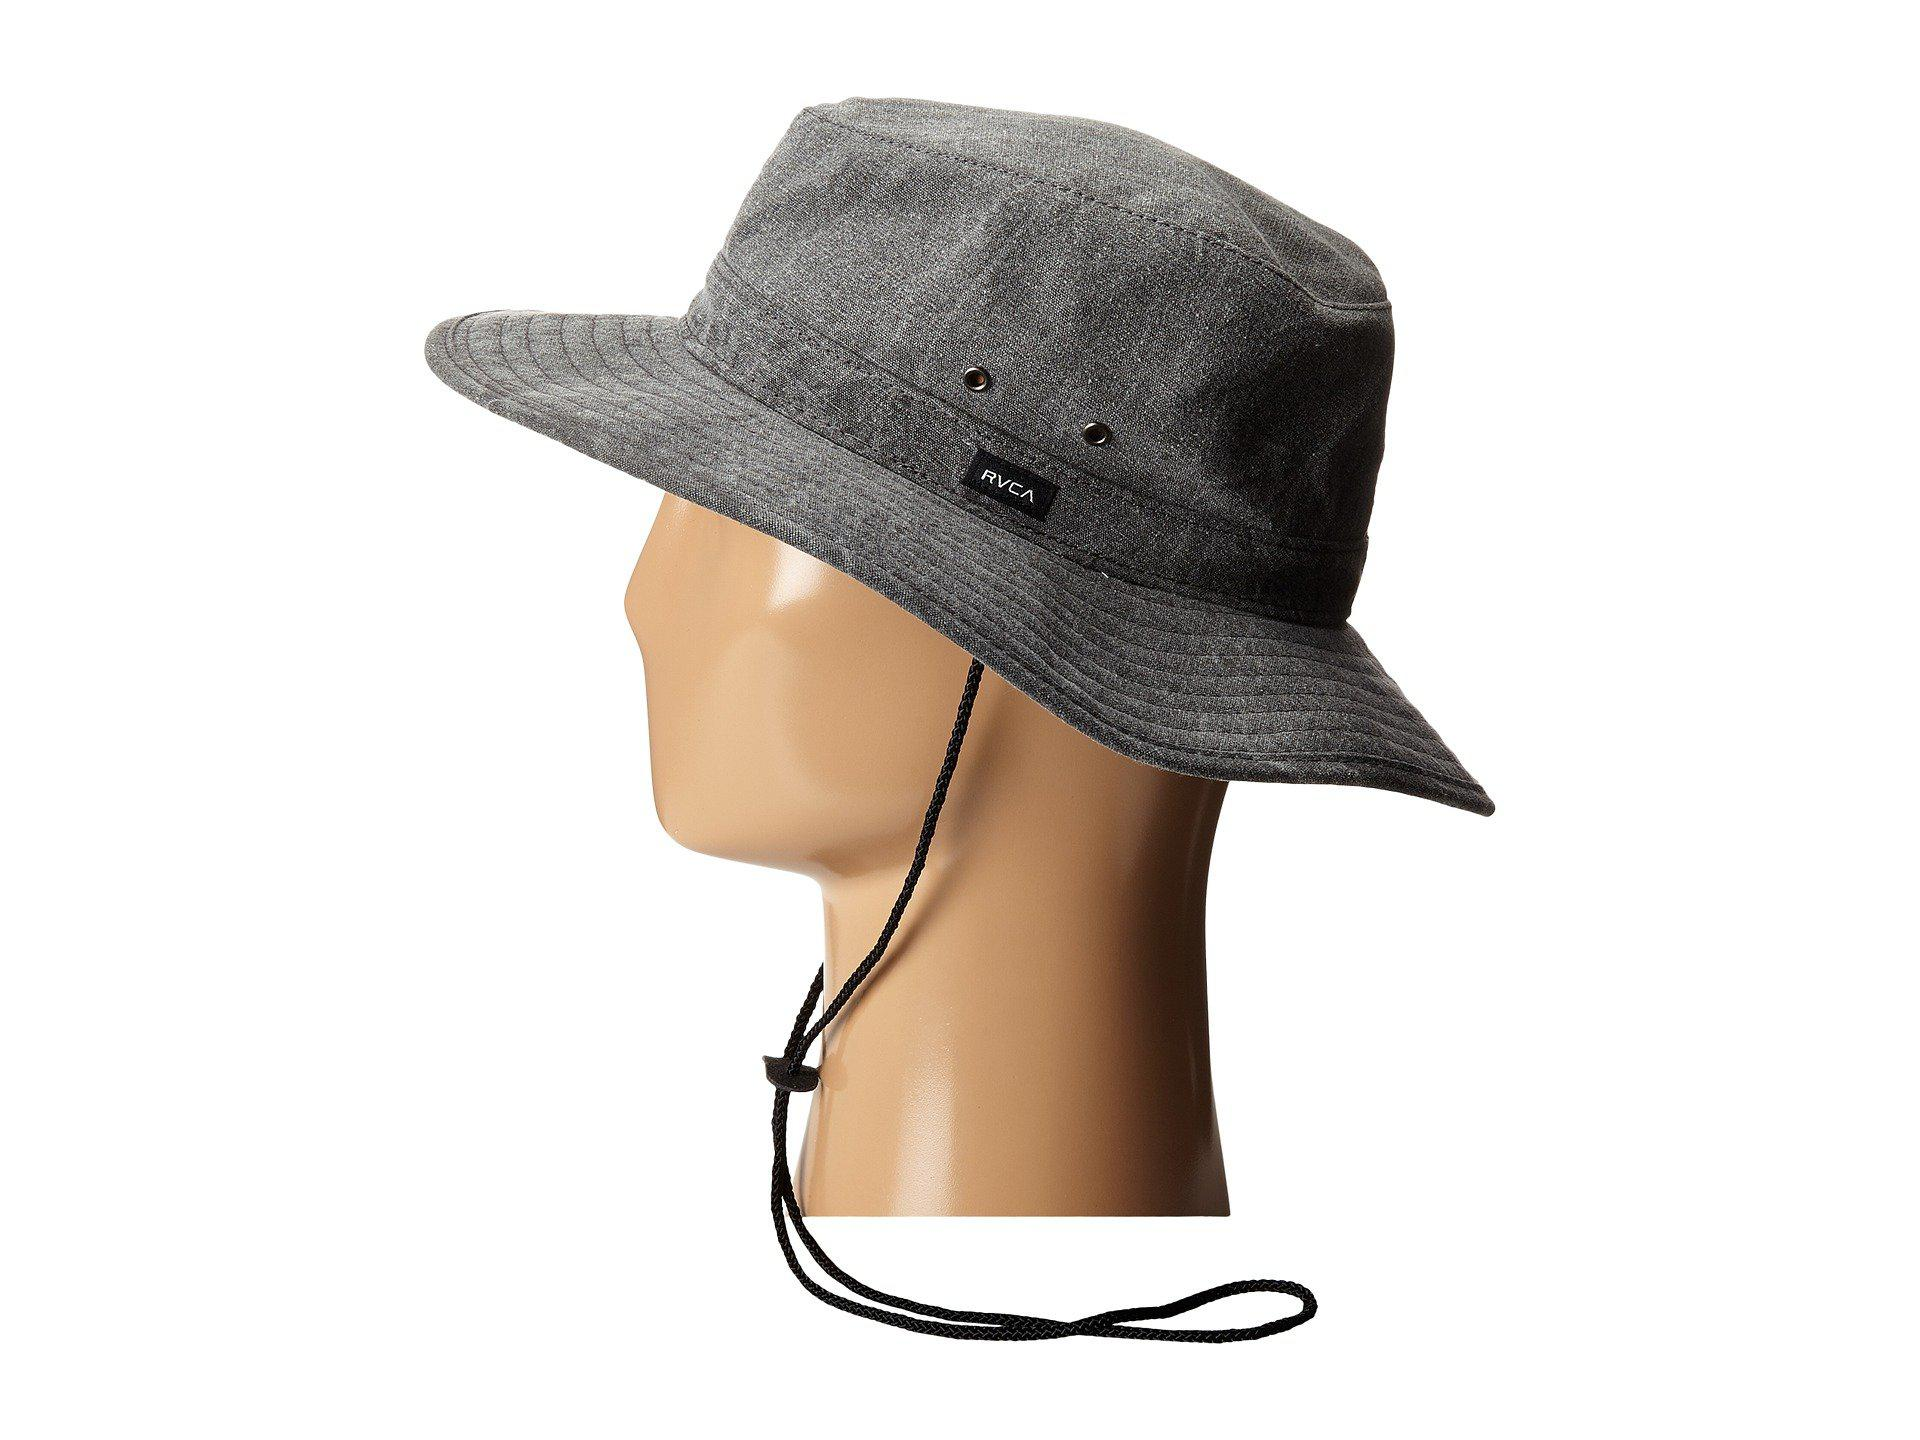 d38564aafbf41f ... switzerland lyst rvca telegraph hat for men 62056 43856